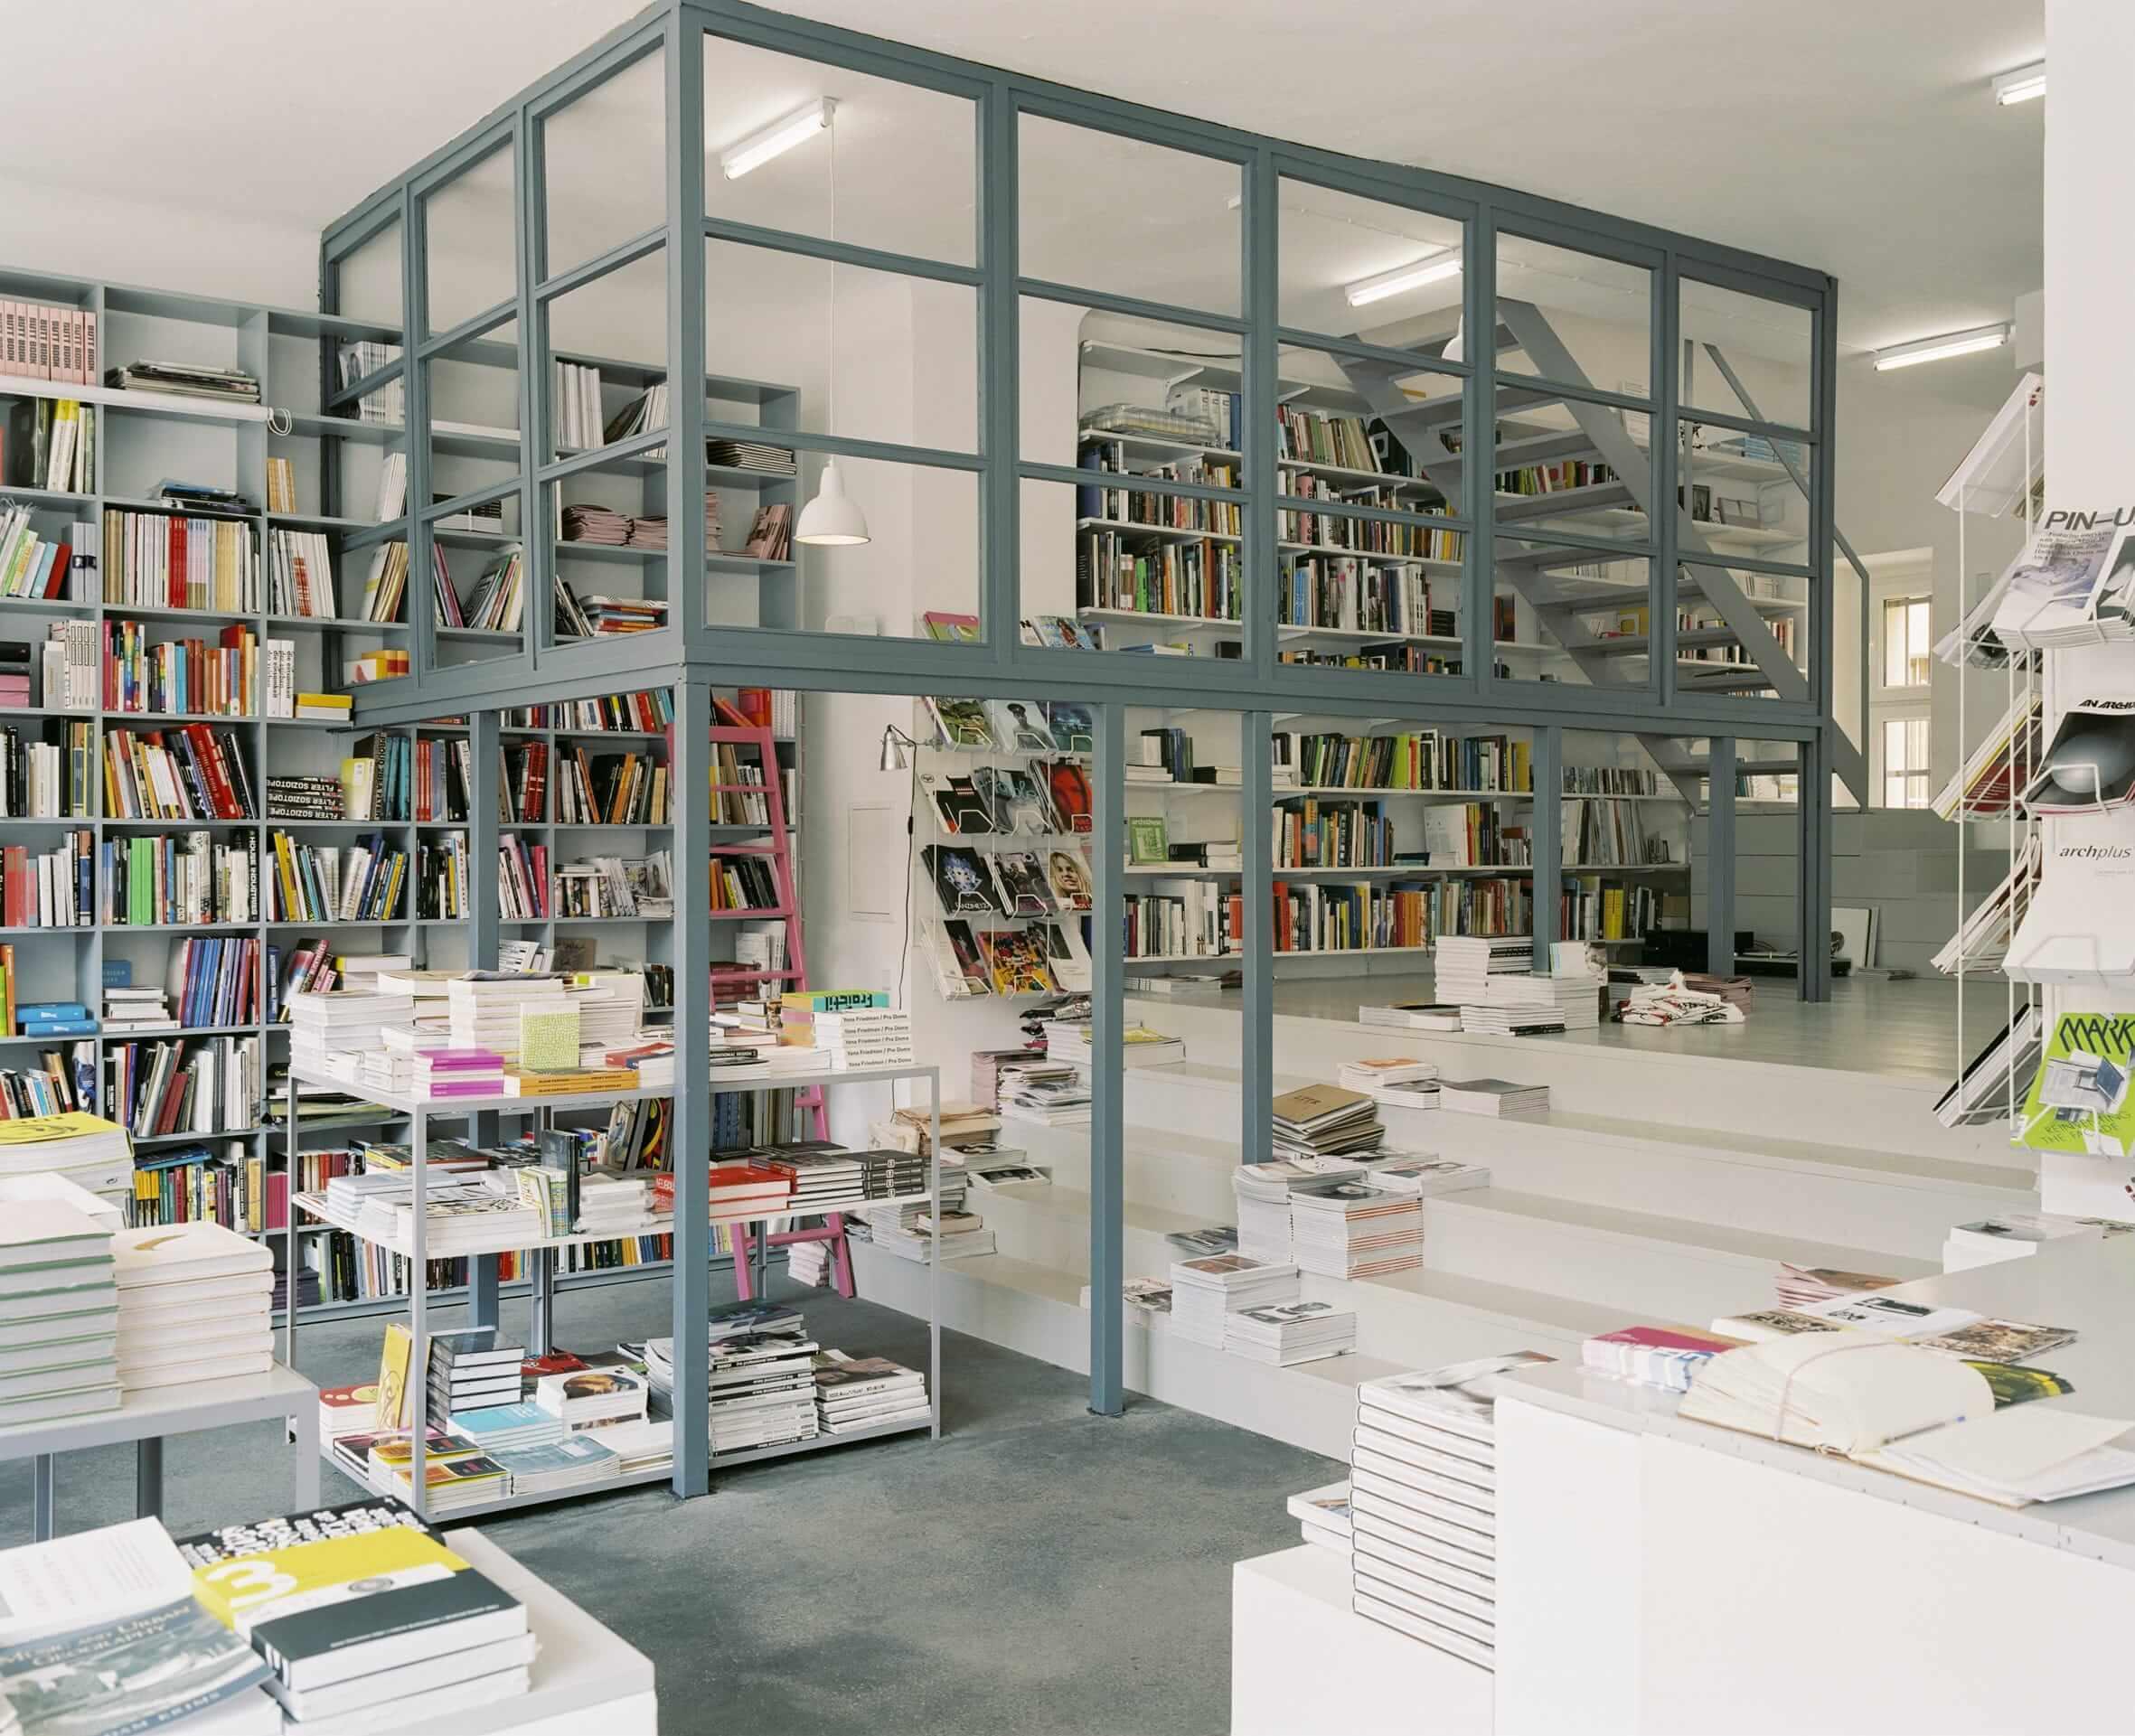 Интерьер книжного магазина Pro qmвБерлине, Германия. Источник: инстаграм-страница магазина